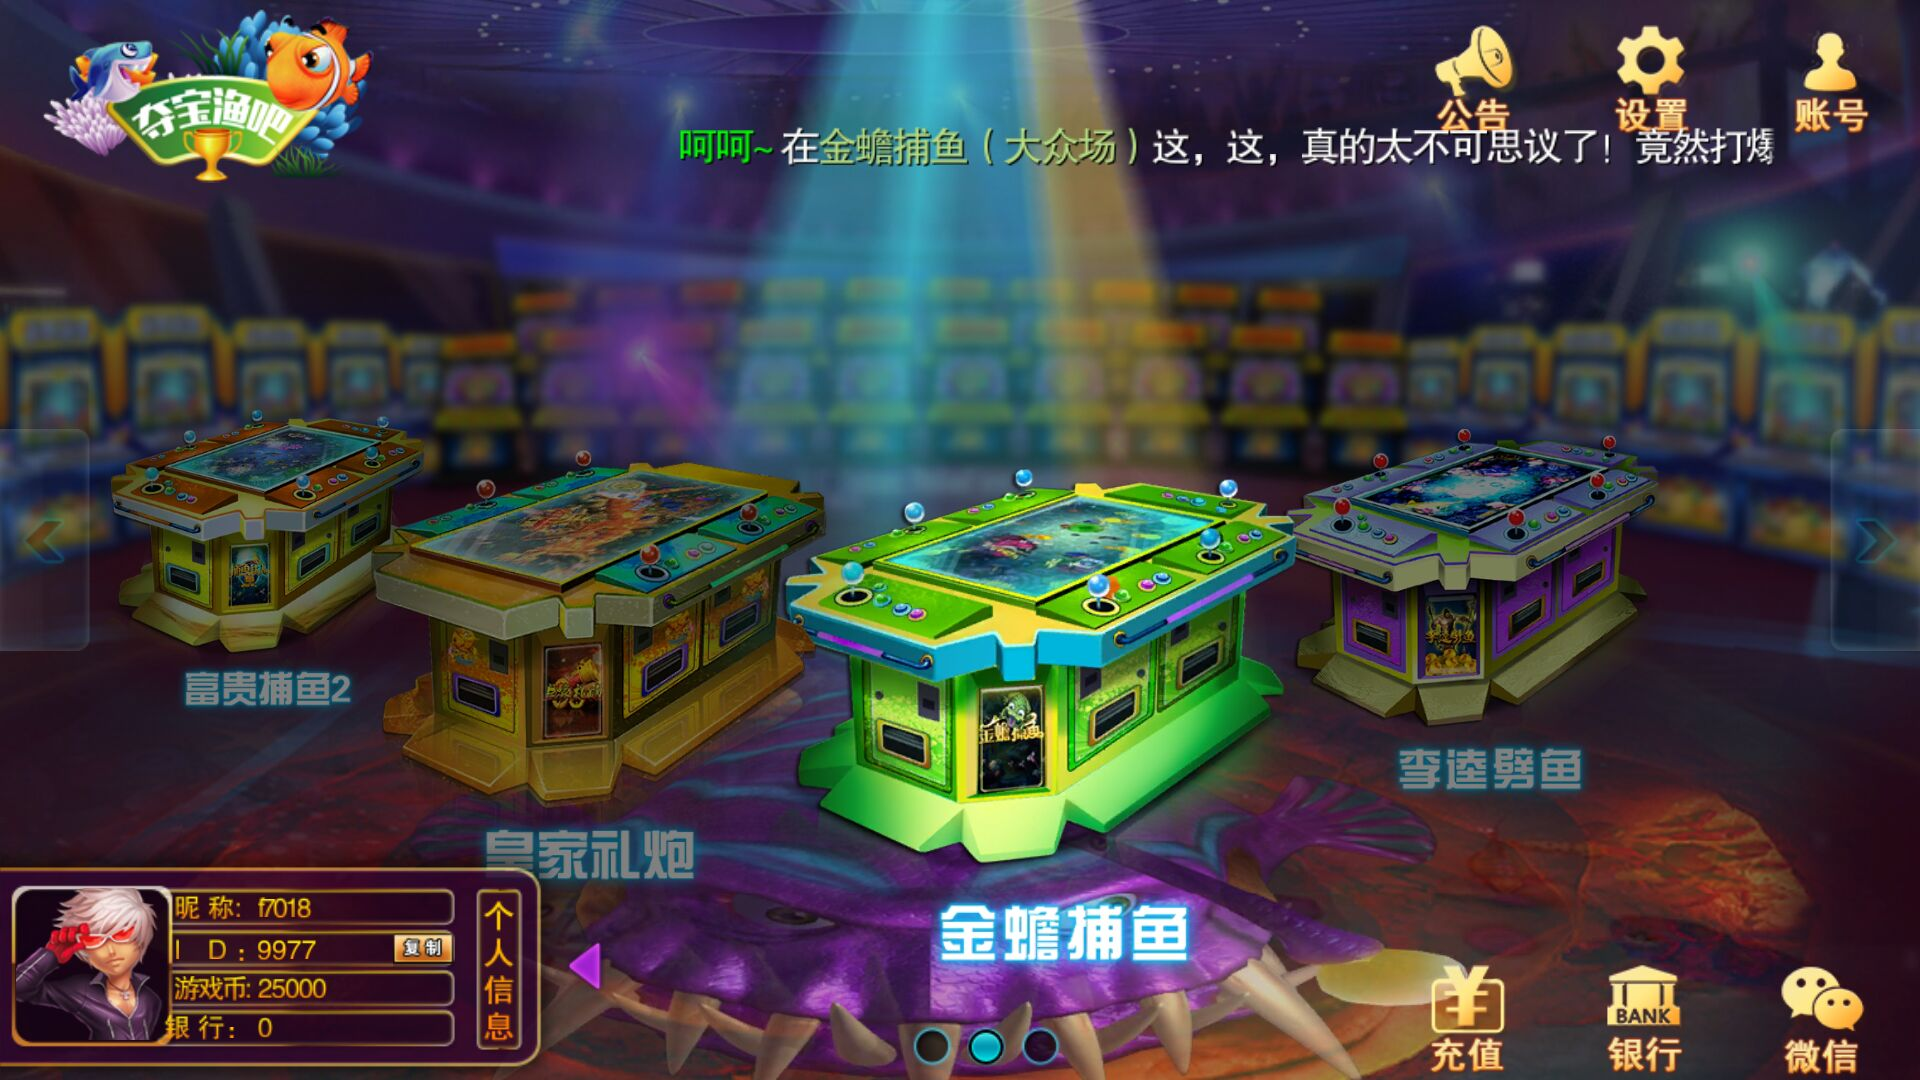 富贵电玩2代 富贵电玩新版 富贵电玩组件下载 棋牌-第1张